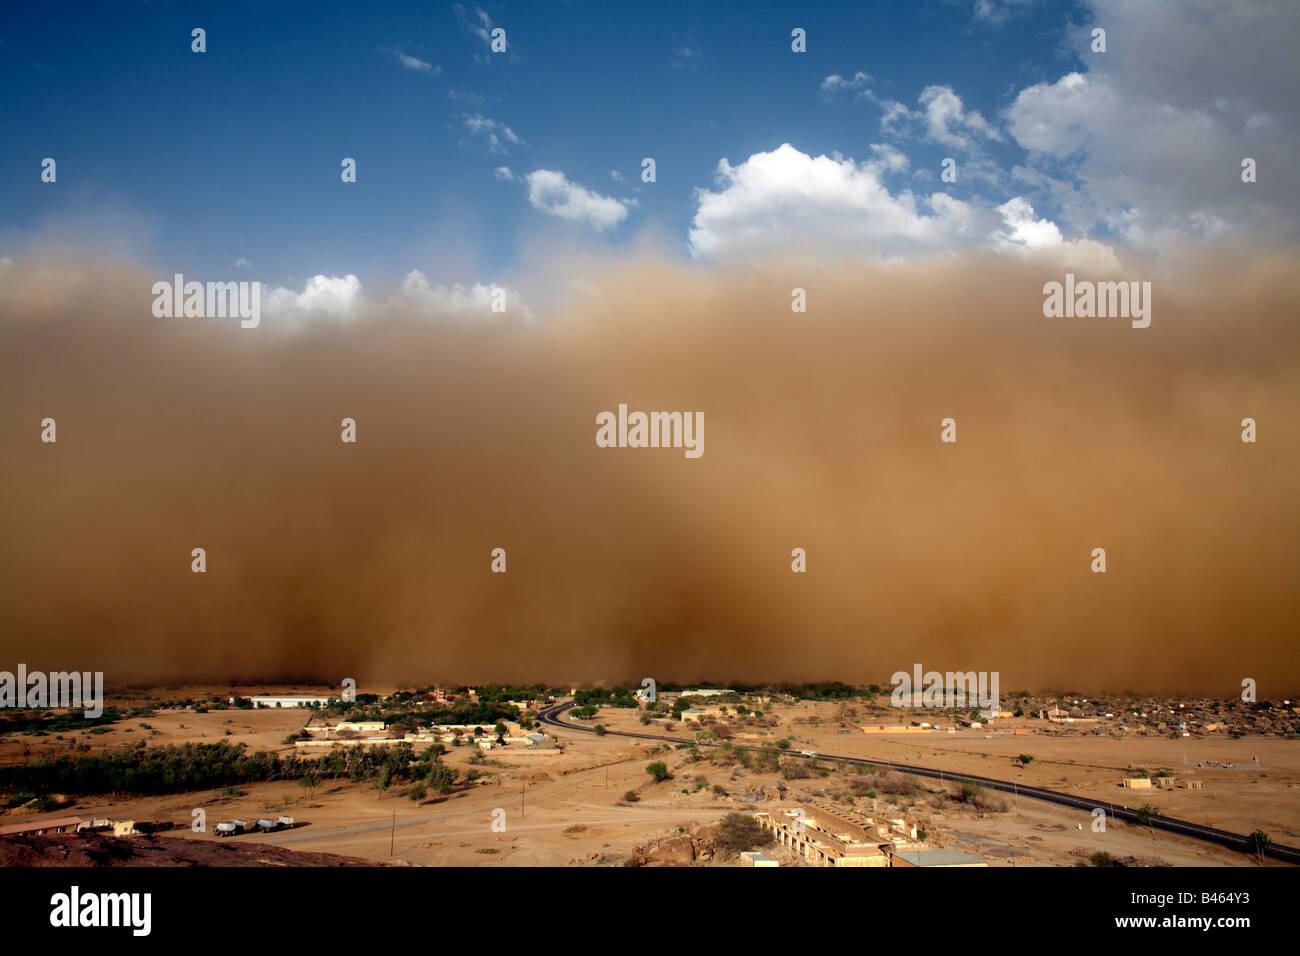 Ein Sandsturm sieht in Eritrea nahe der sudanesischen Grenze. Stockbild